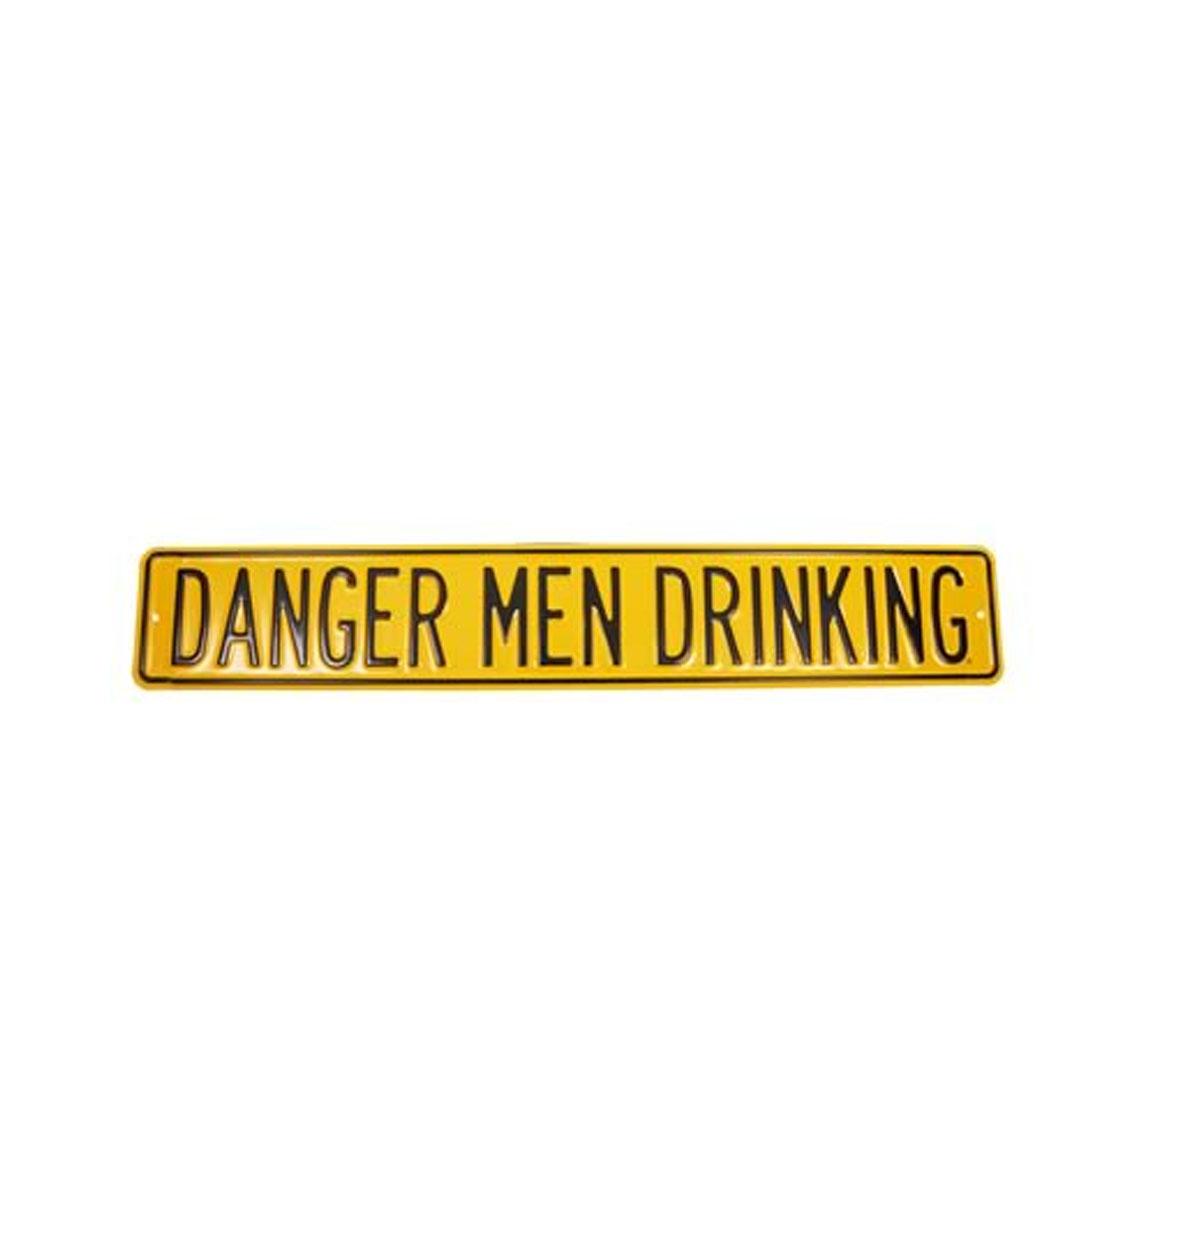 Danger Men Drinking Heavy Duty Metalen Straat Bord